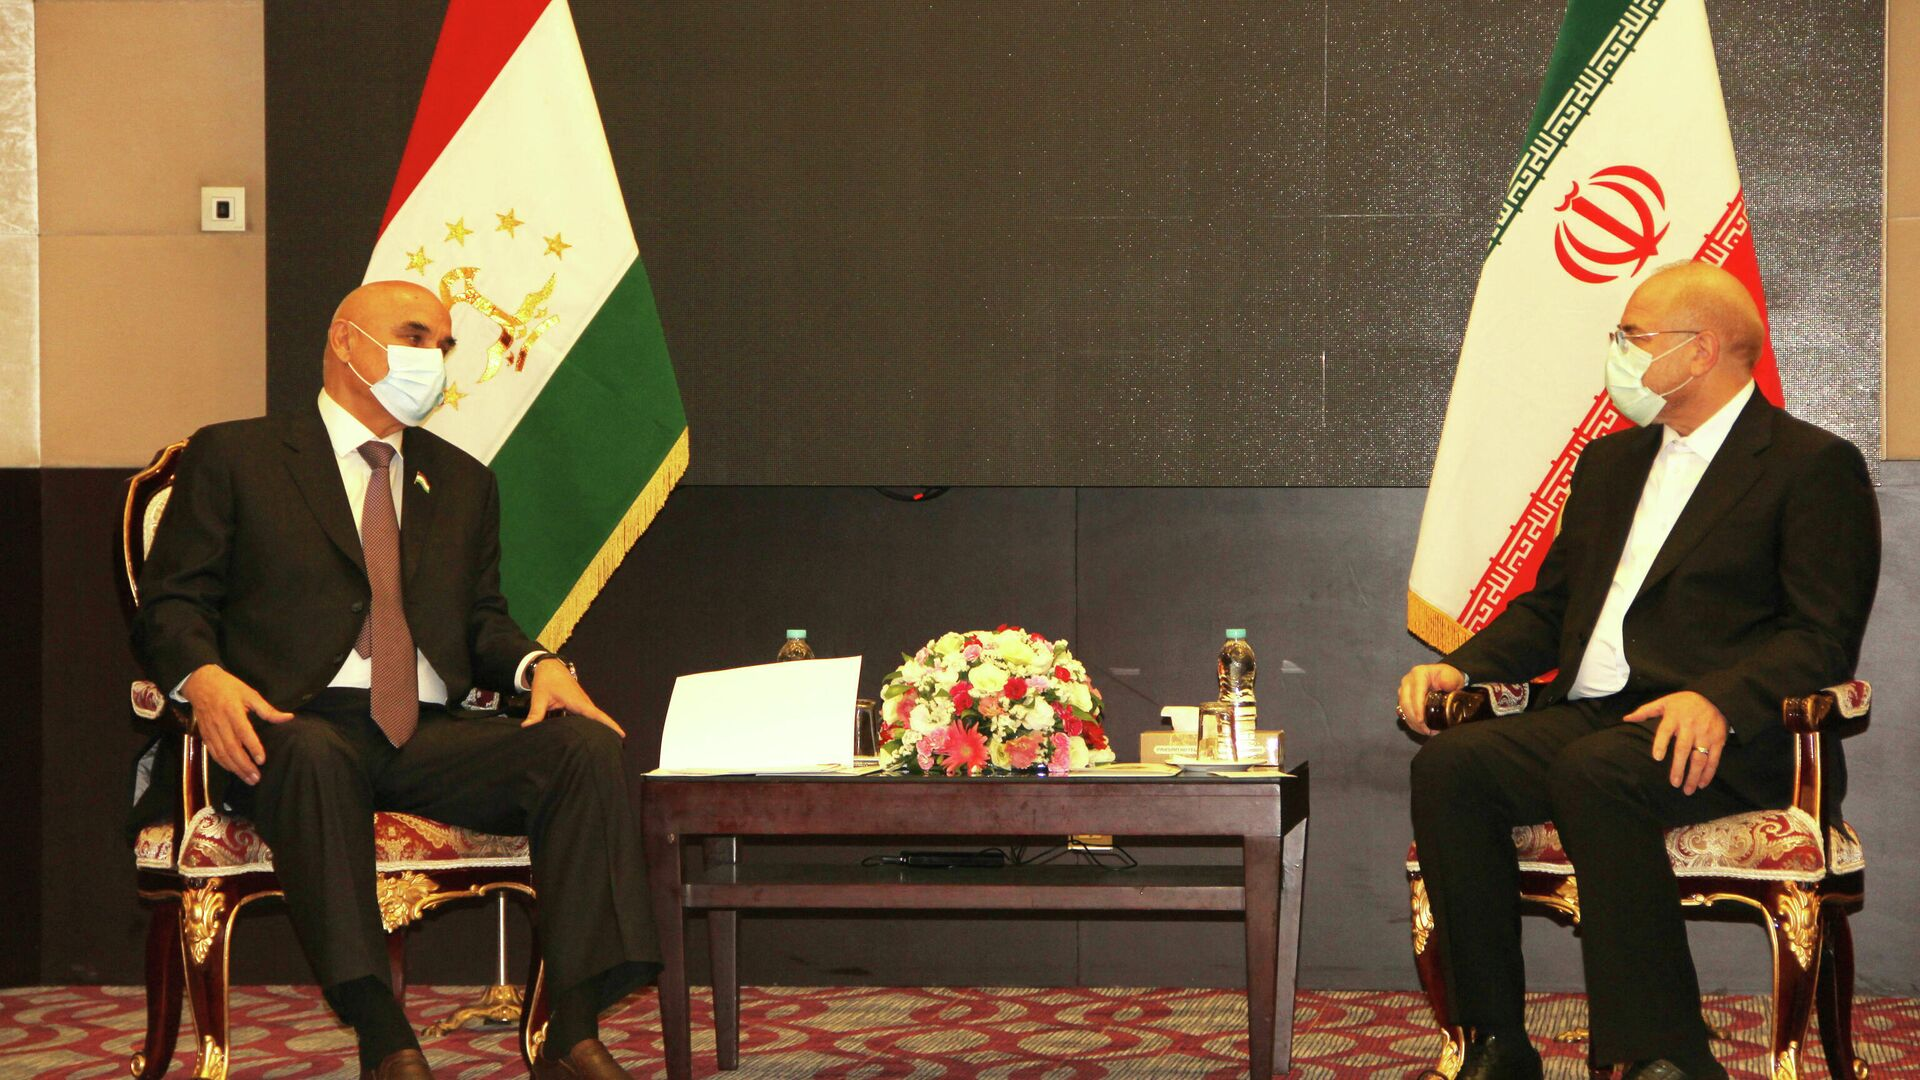 Глава Парламента Таджикистана в Тегеране встретился с председателем парламента Ирана Мухаммад Бокир Колибаф - Sputnik Тоҷикистон, 1920, 06.08.2021